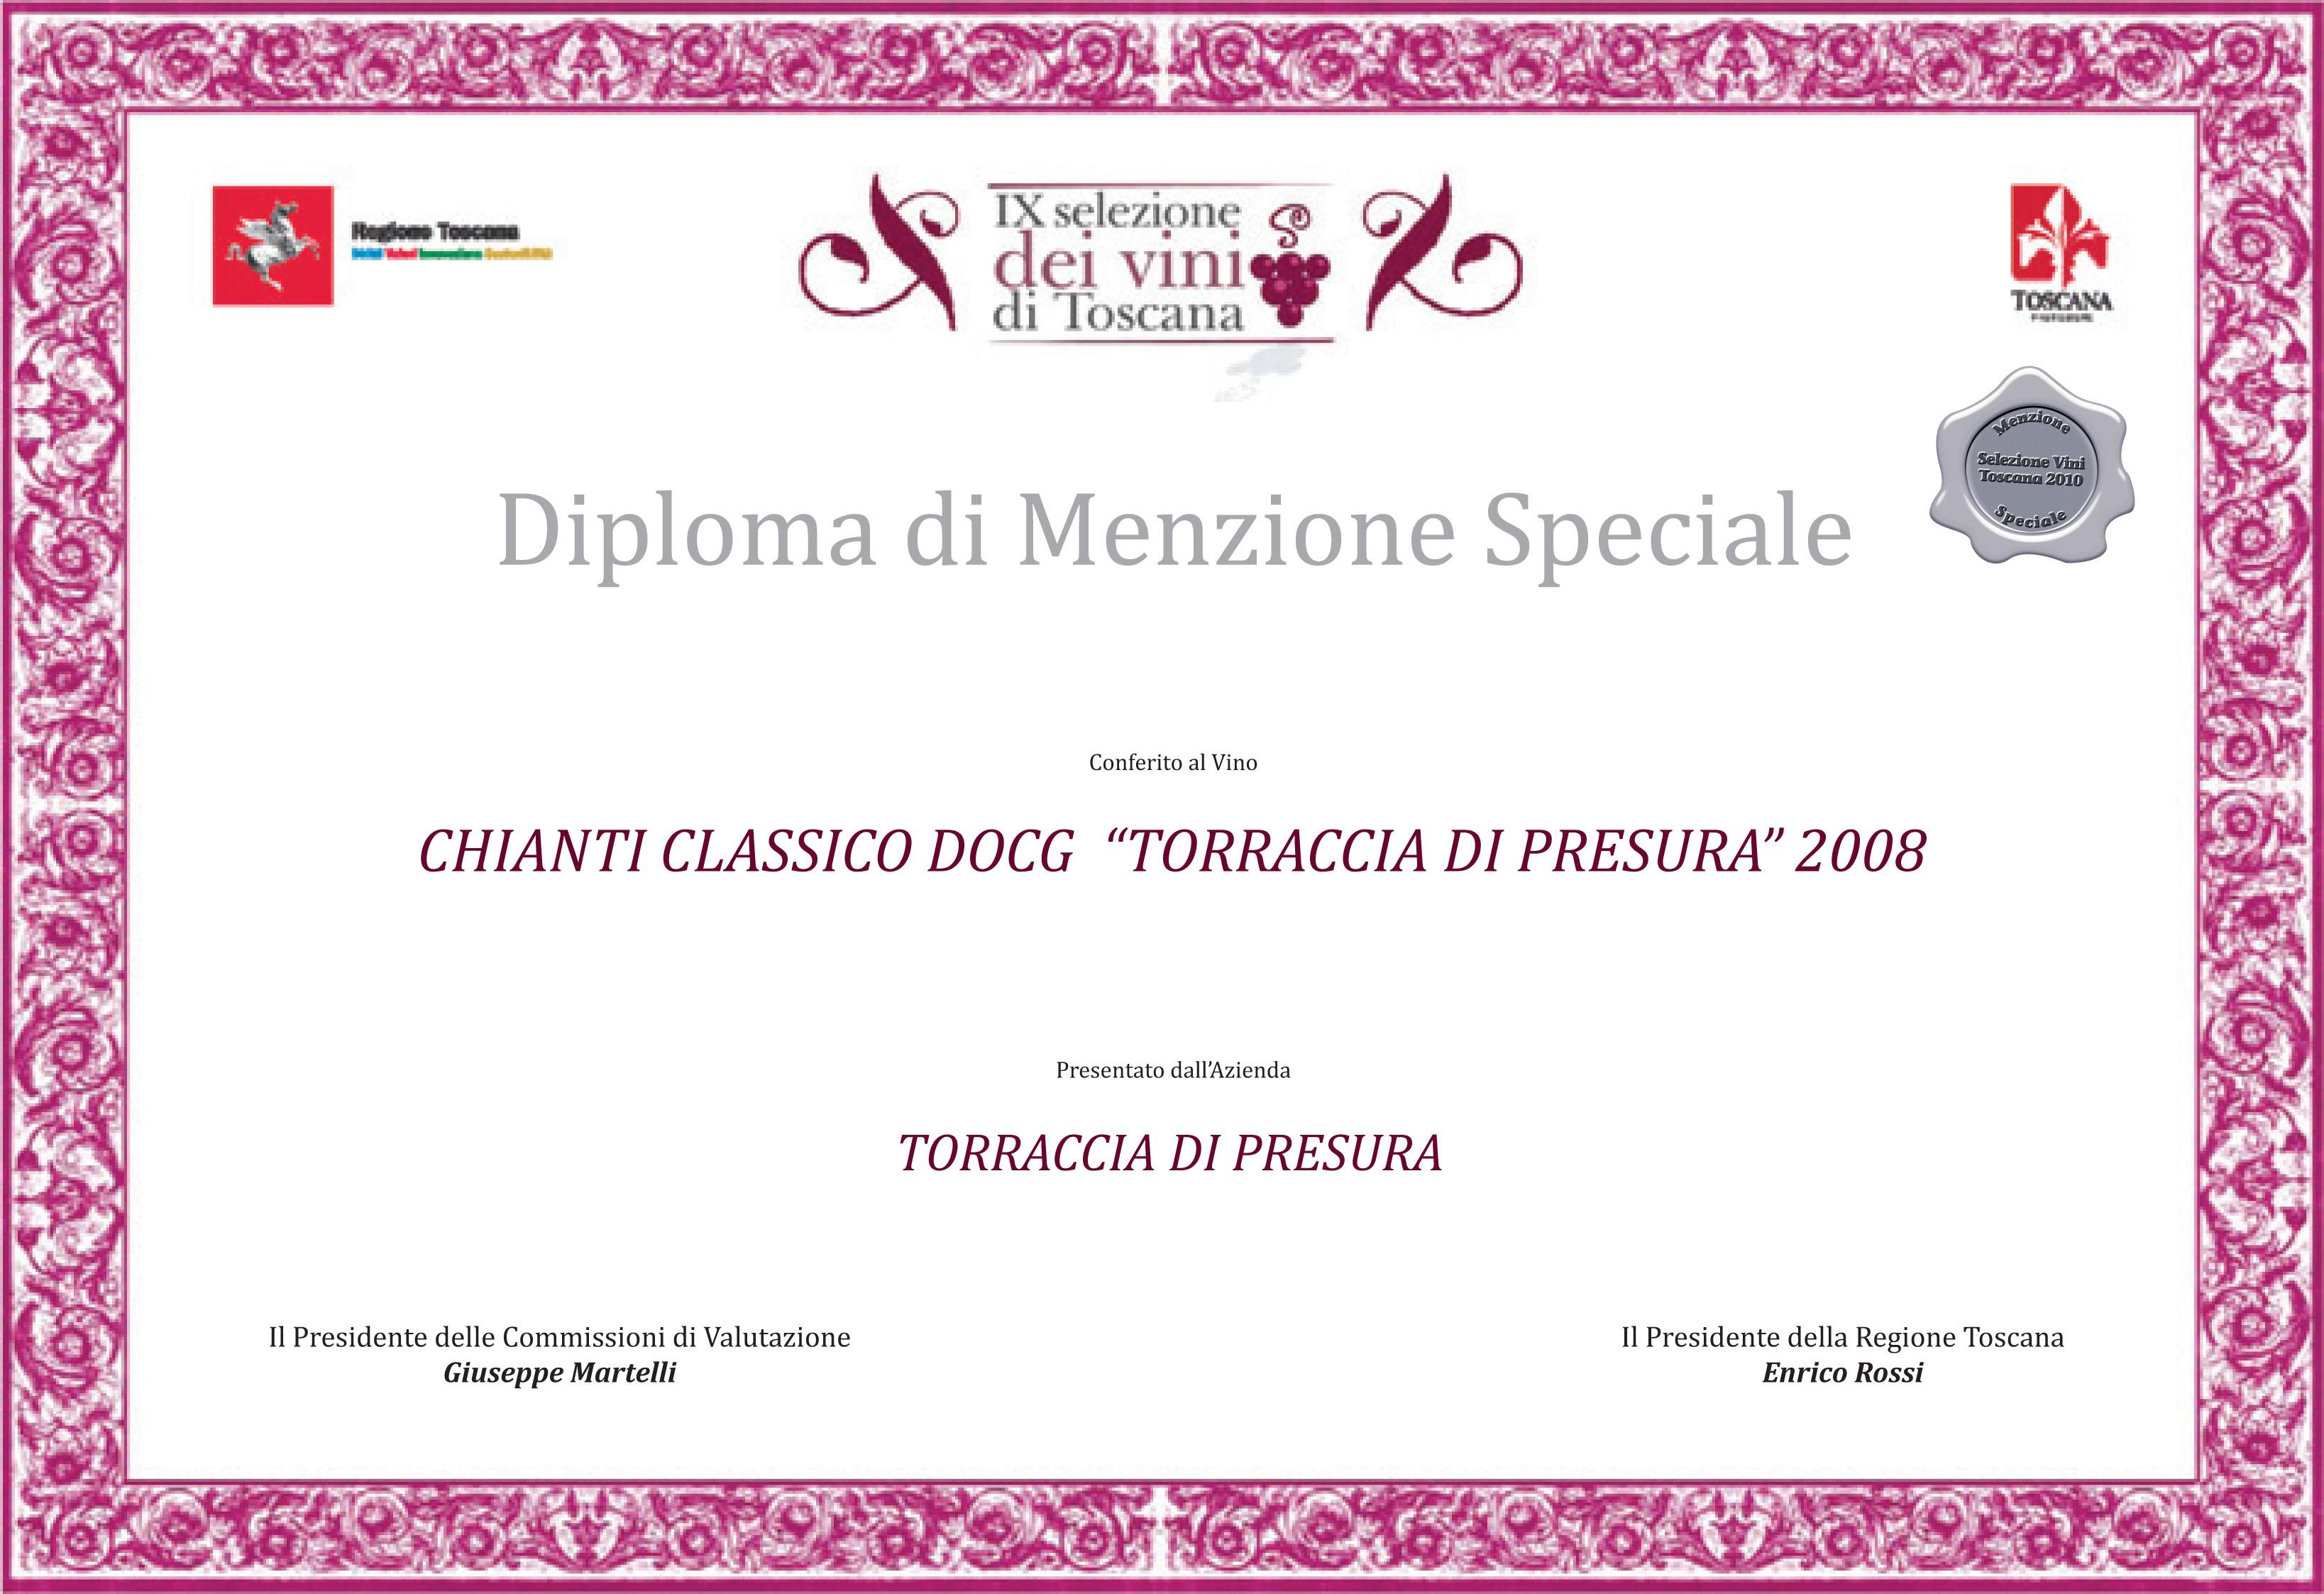 77 TDP 2008 Selez vini 2010 2010